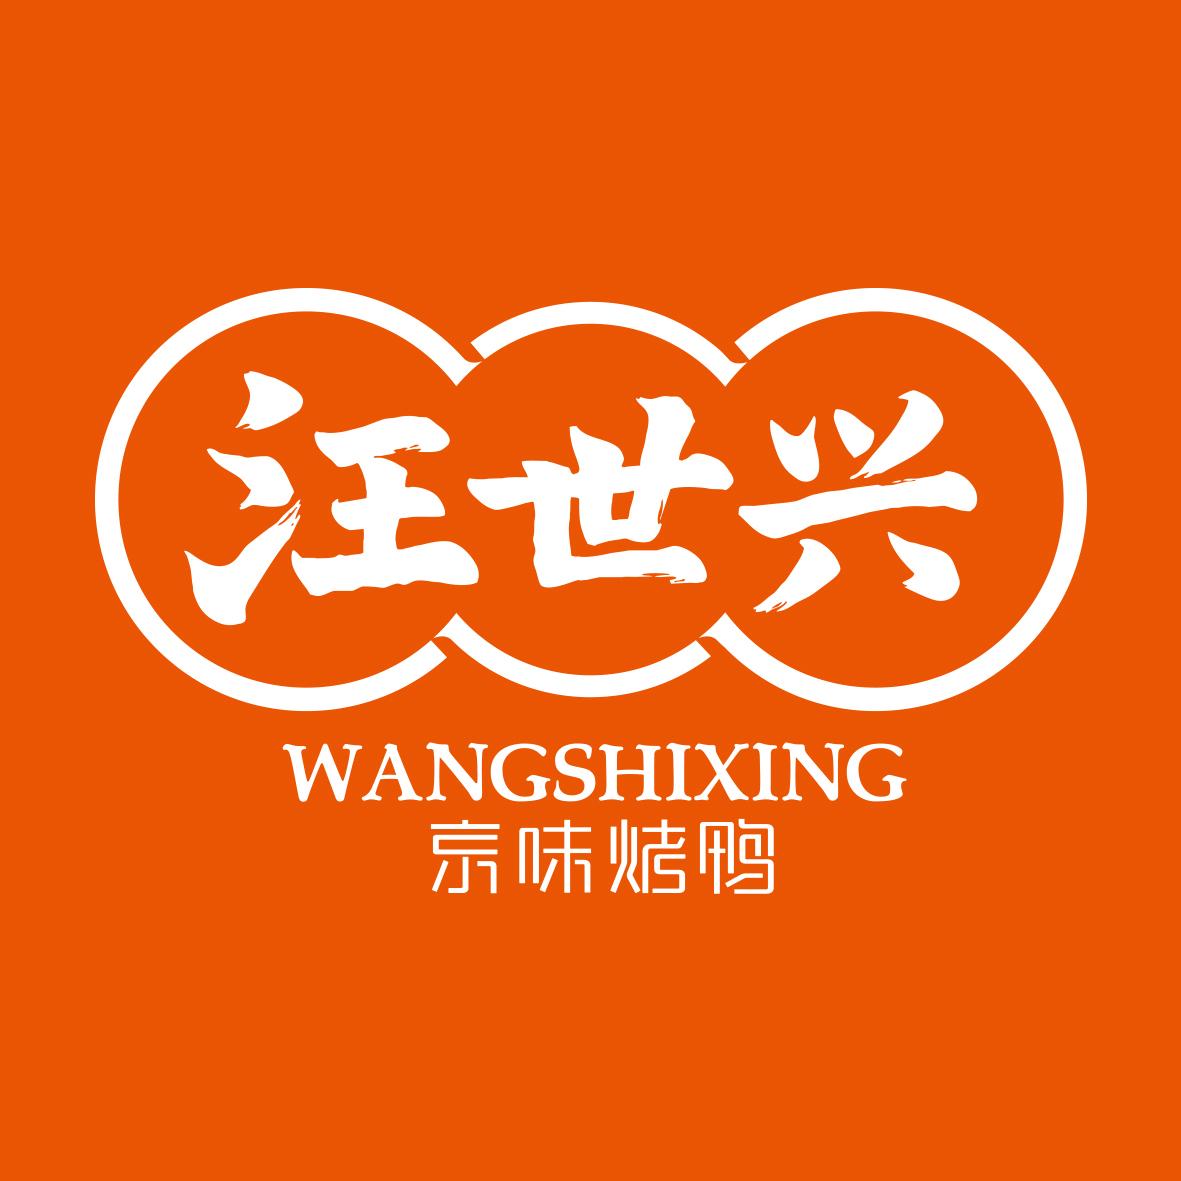 Wang Shixing Harbin Catering Group Co. Ltd